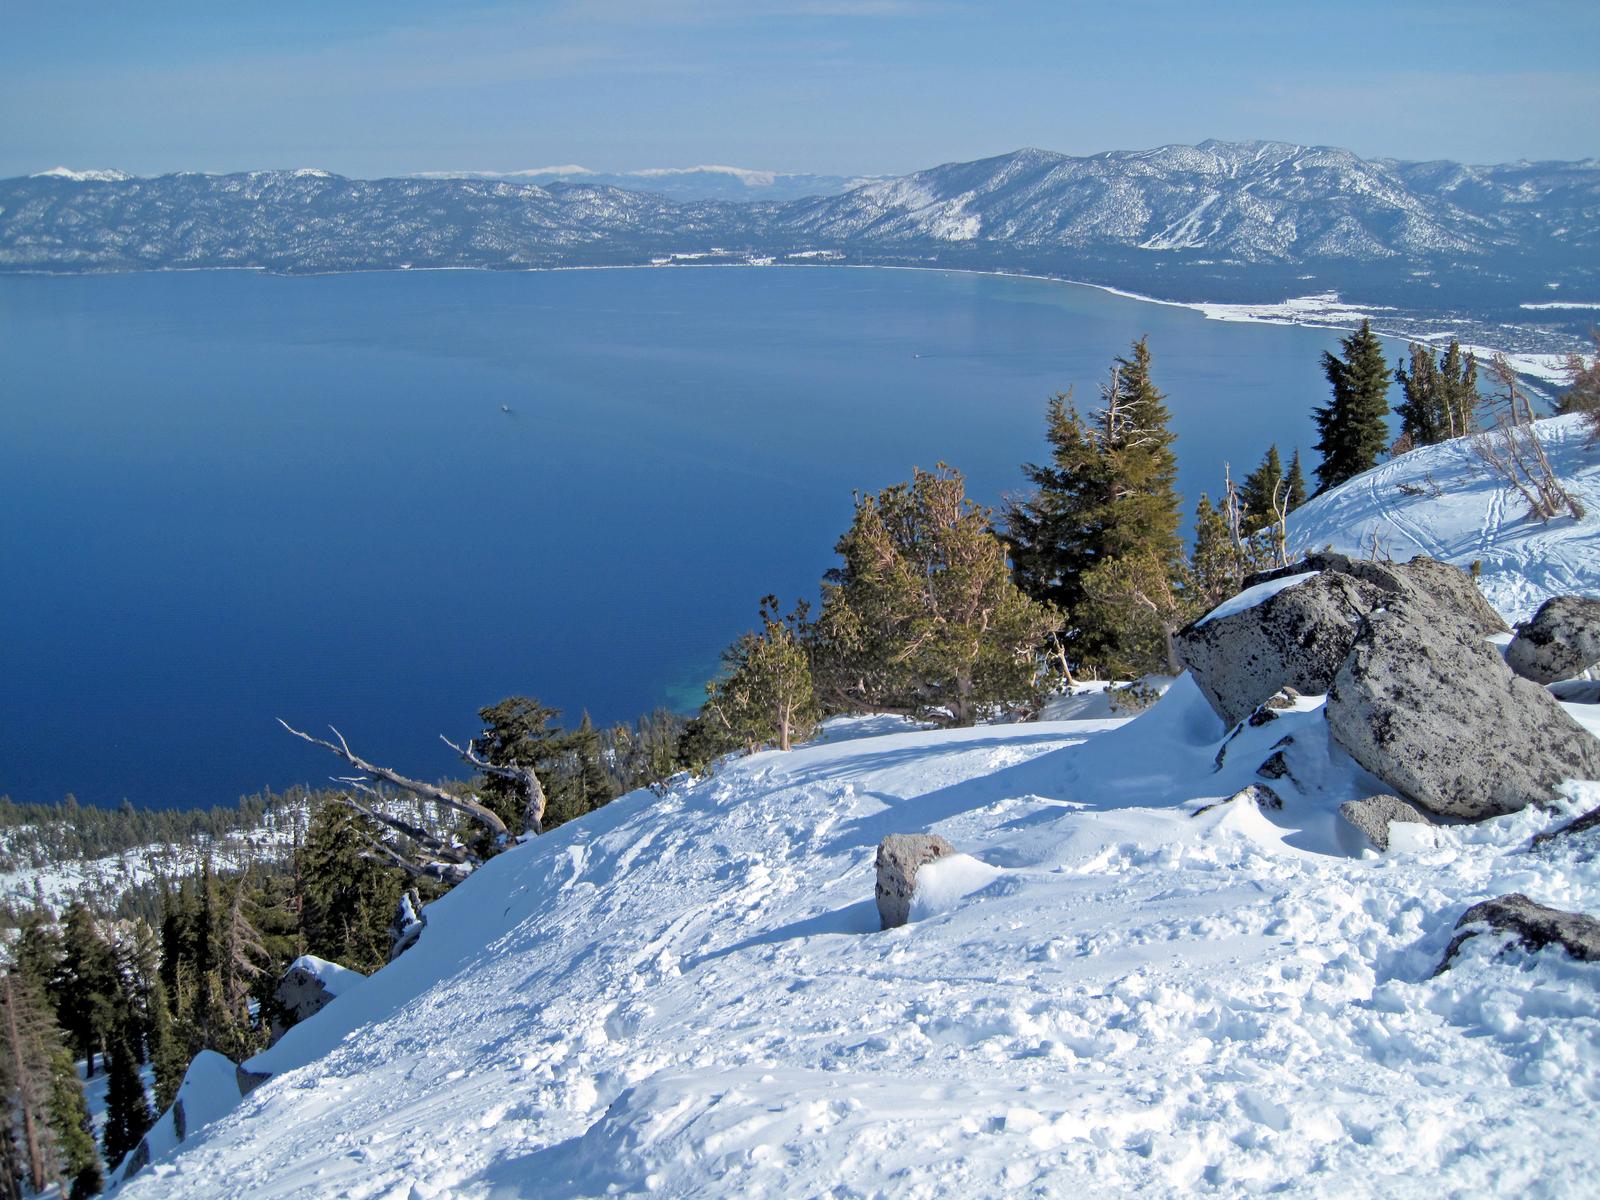 west shore Lake Tahoe, California